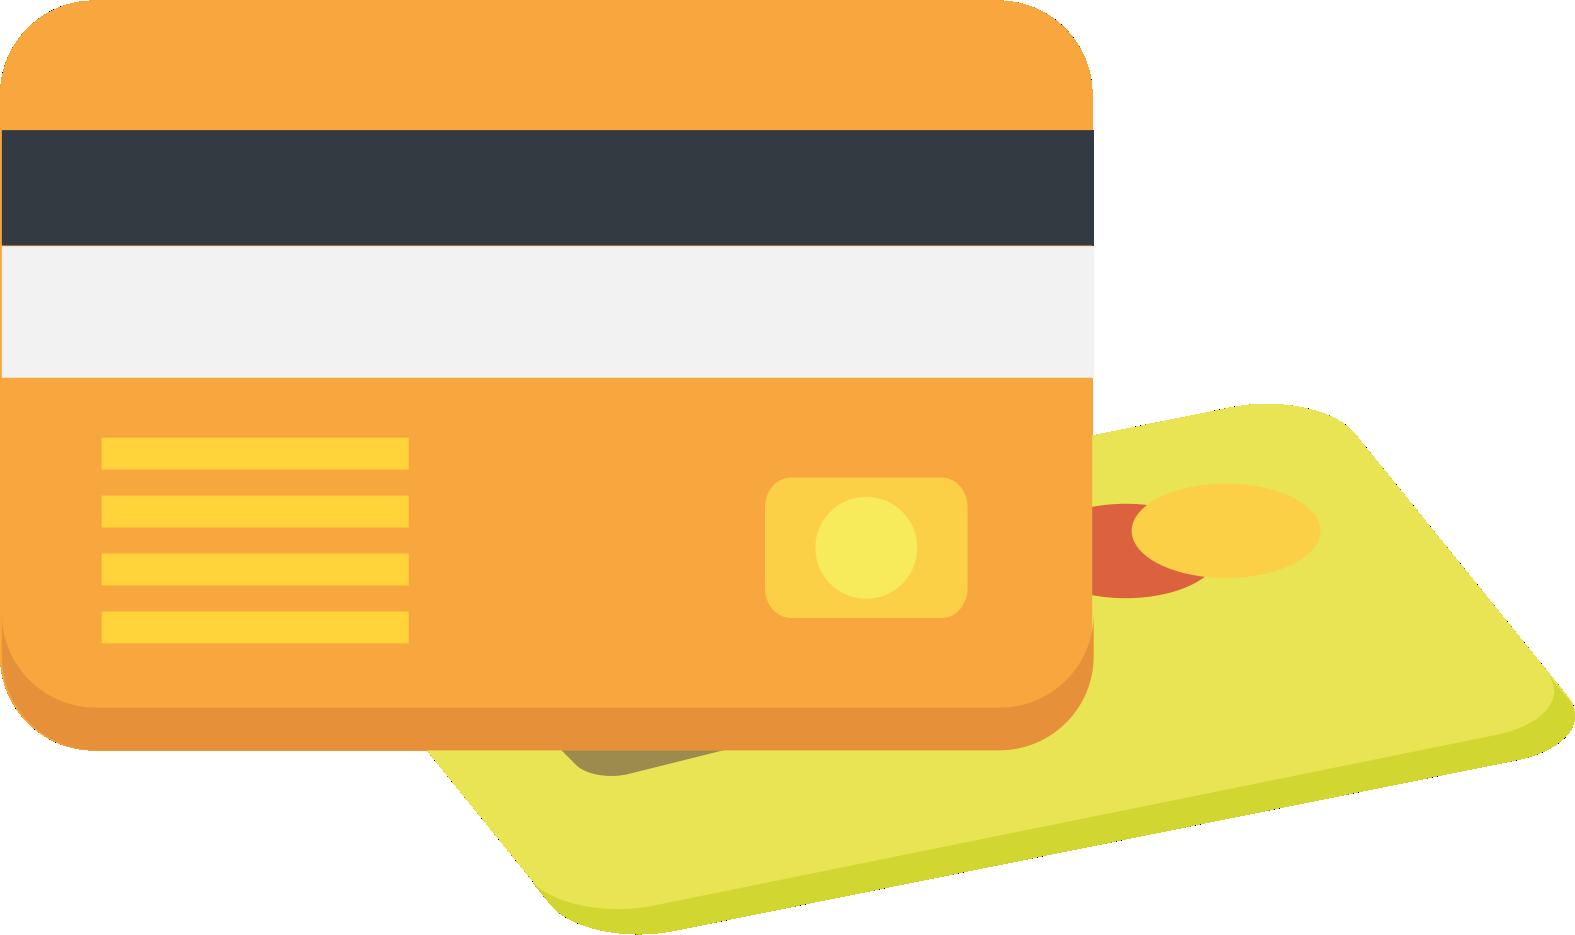 взять займ орел хоум кредит калуга адреса банкоматов